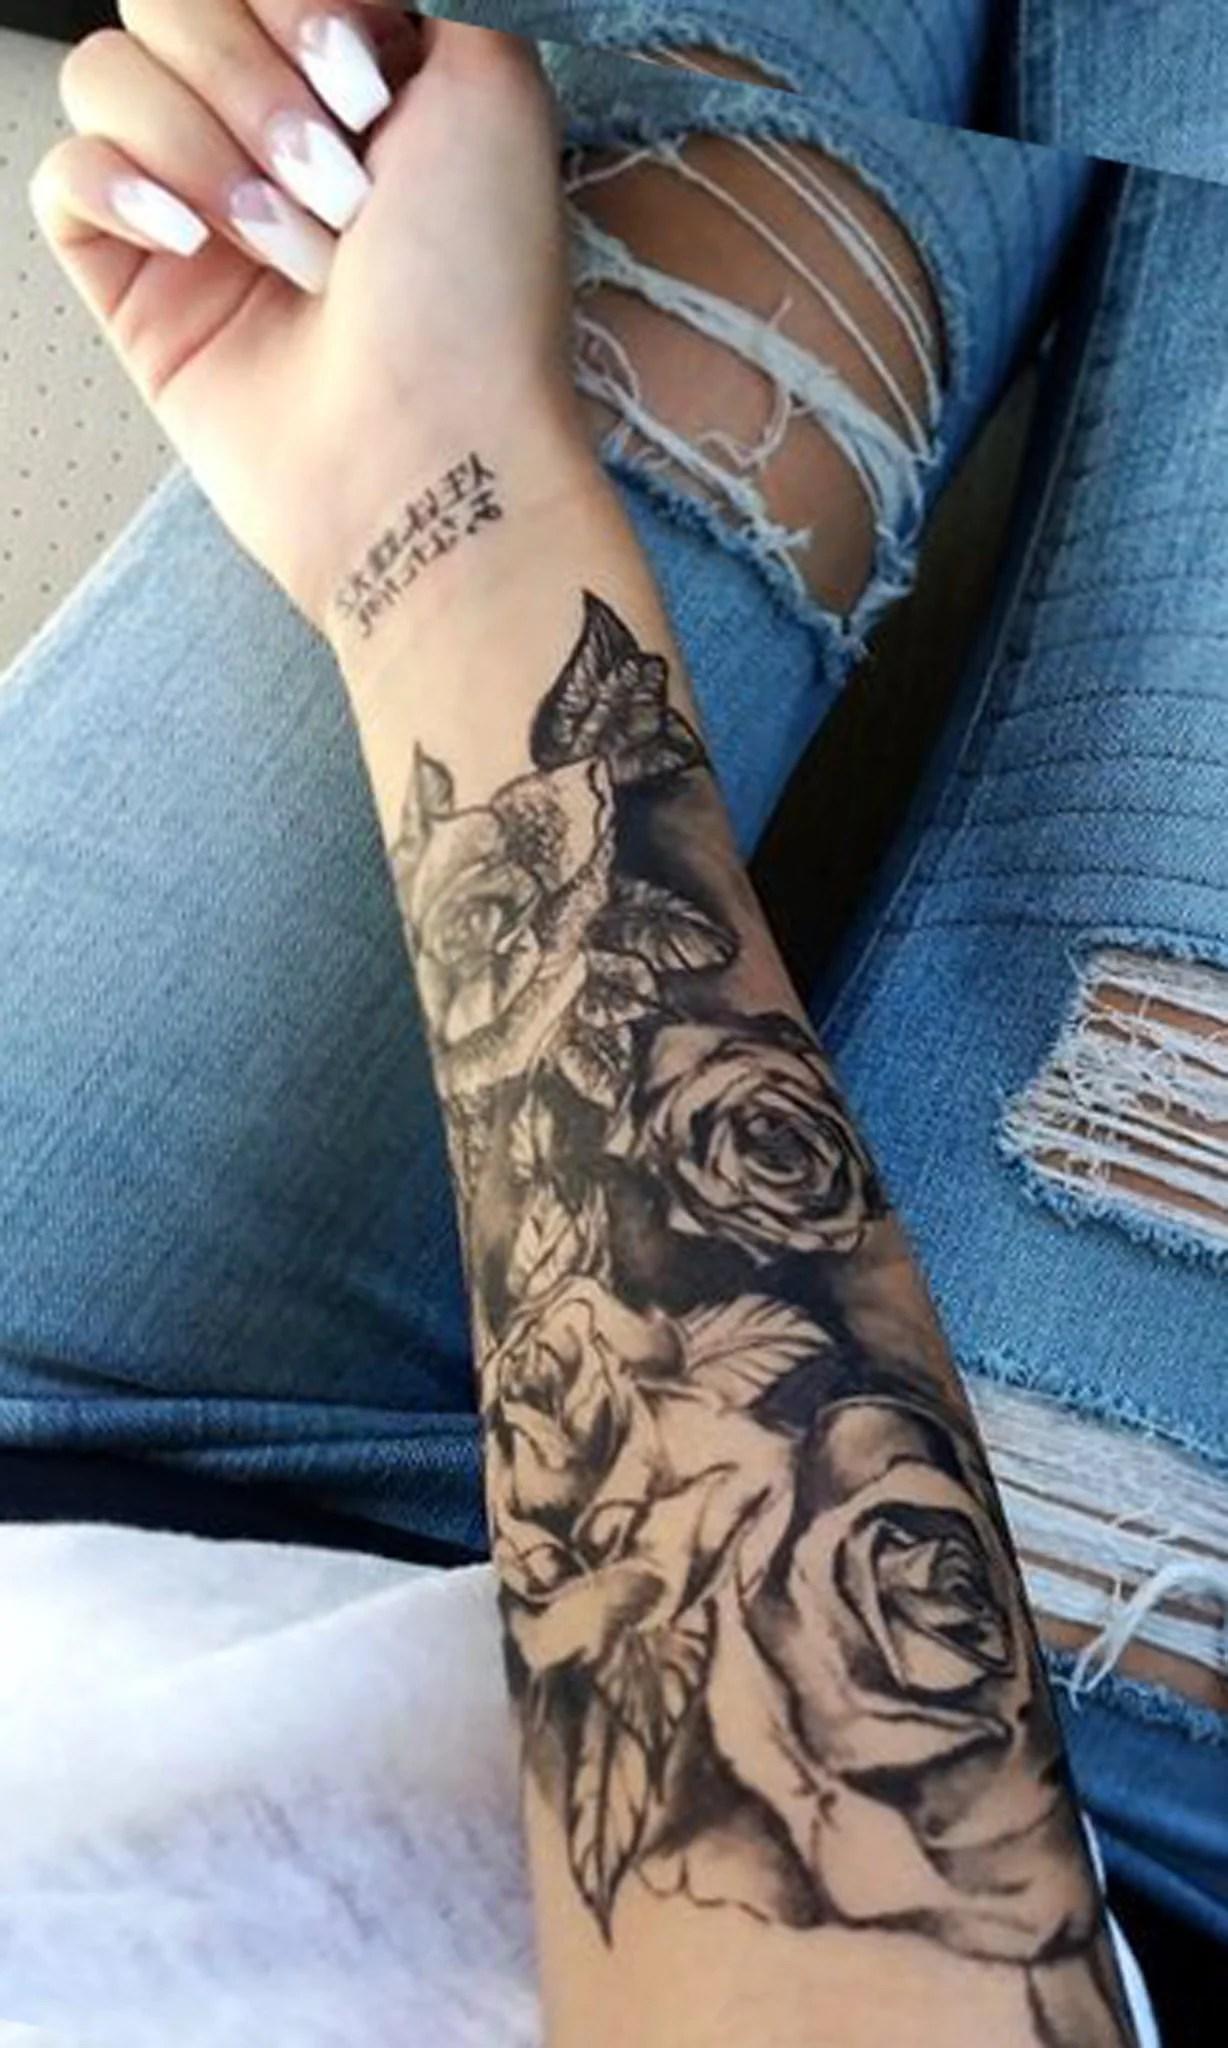 Womens Arm Tattoo Ideas : womens, tattoo, ideas, Tattoos, Women, Ideas, Gallery